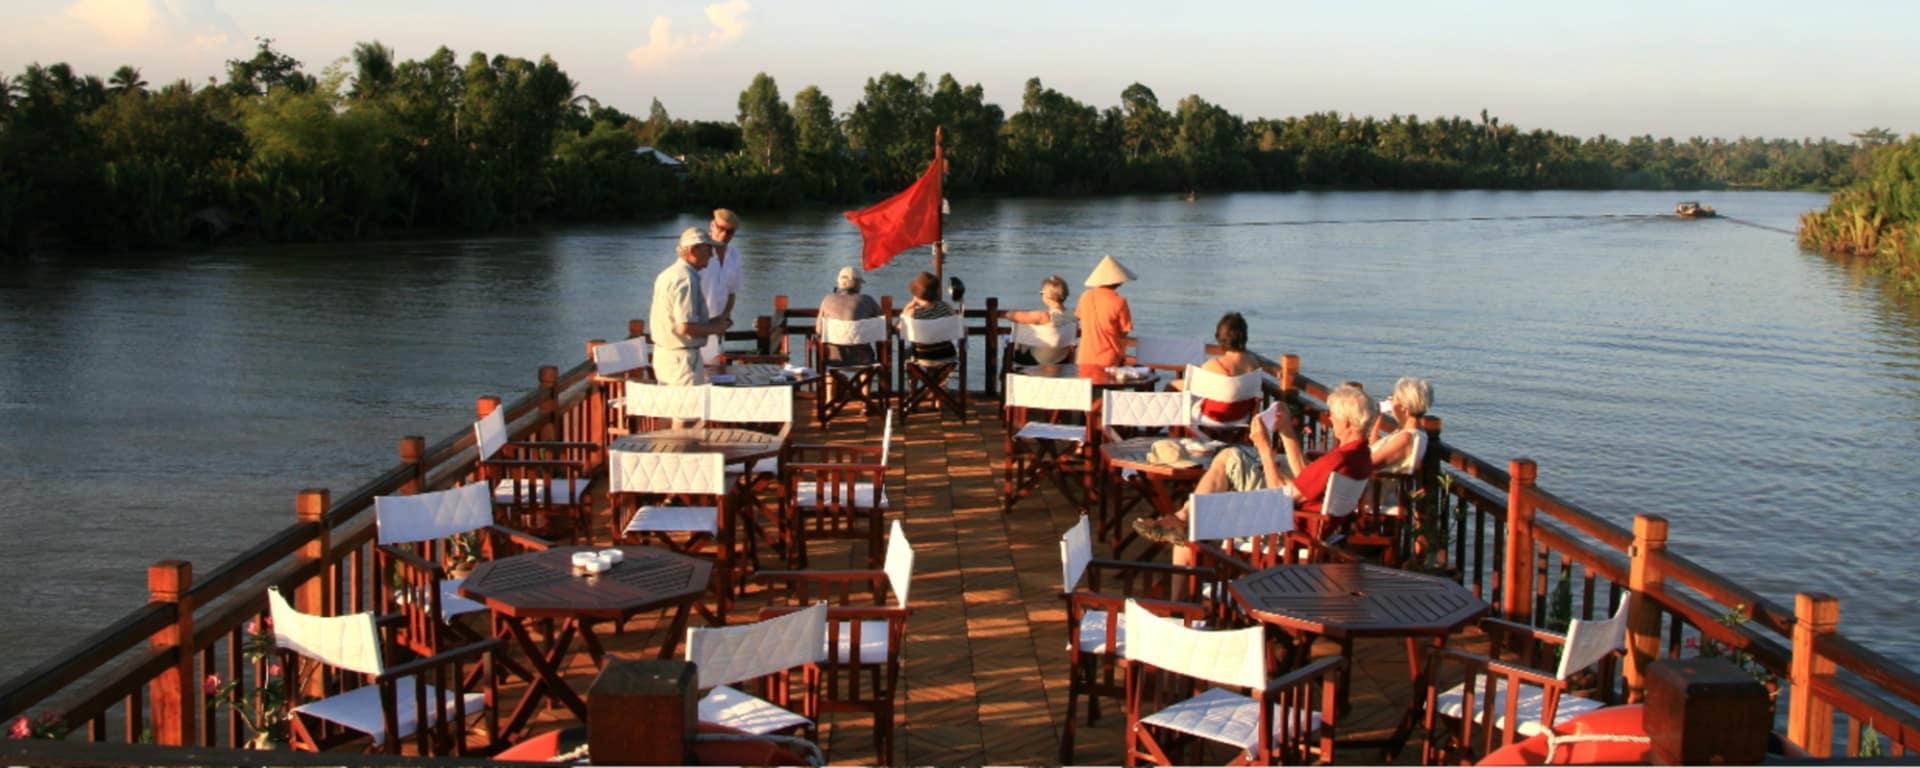 Mekong Delta Fluss-Kreuzfahrten mit «Mekong Eyes» ab Saigon: Upper deck